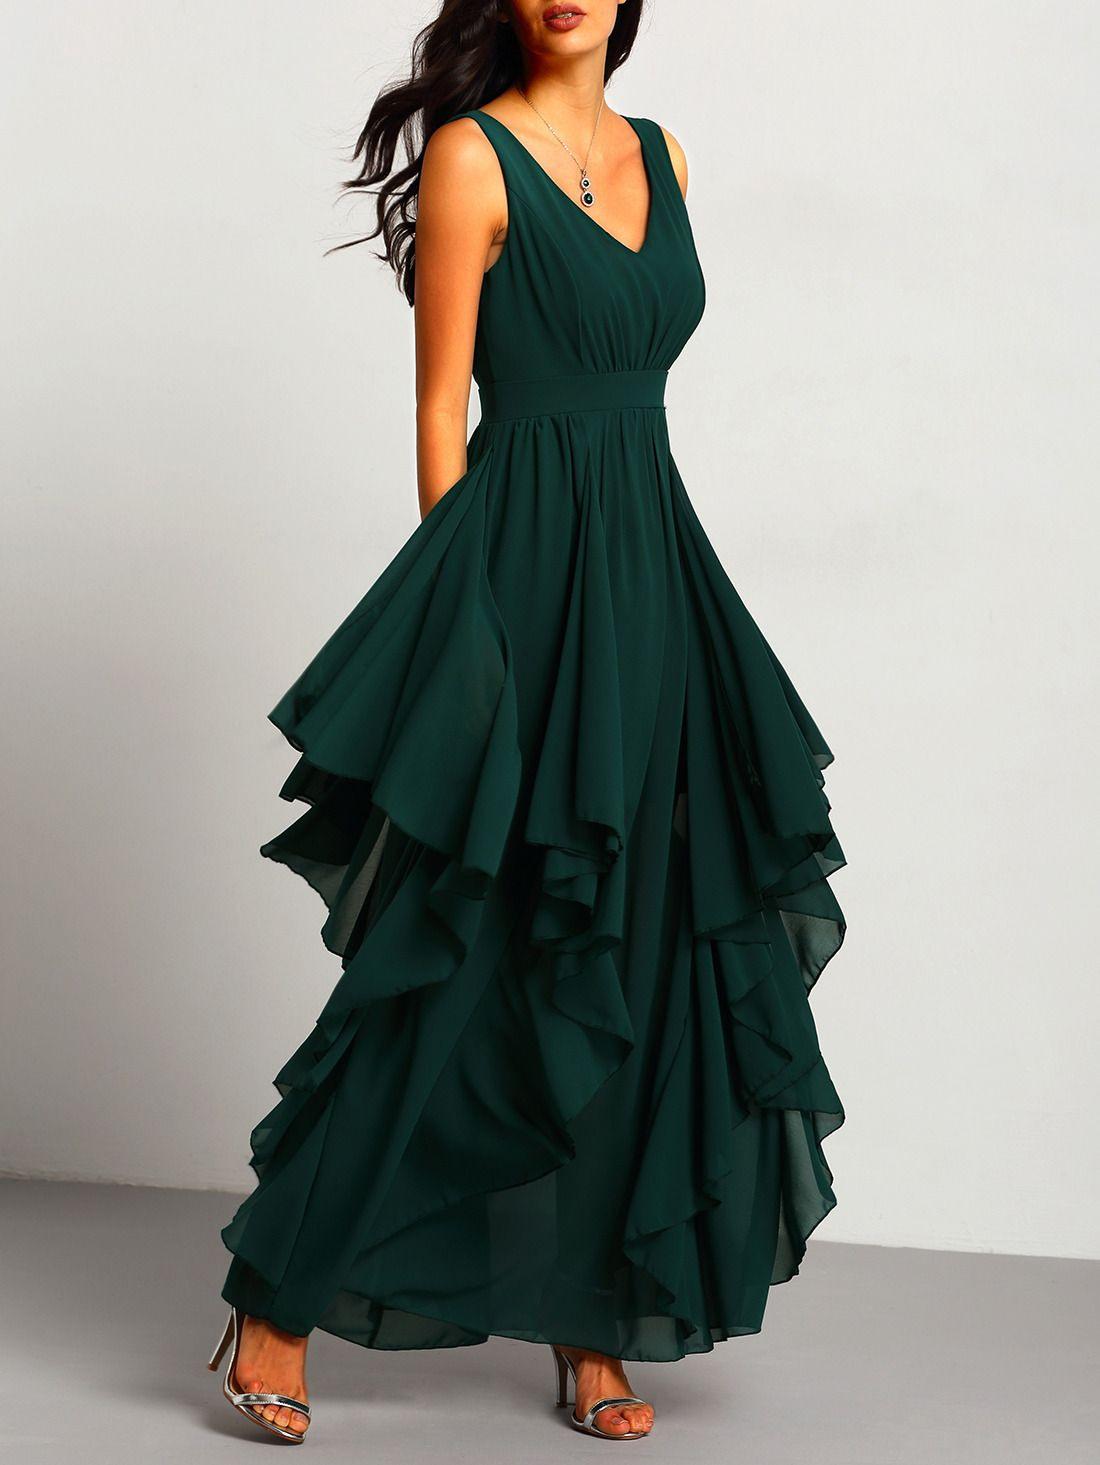 20 Schön Abendkleider Shein Stylish13 Genial Abendkleider Shein Vertrieb